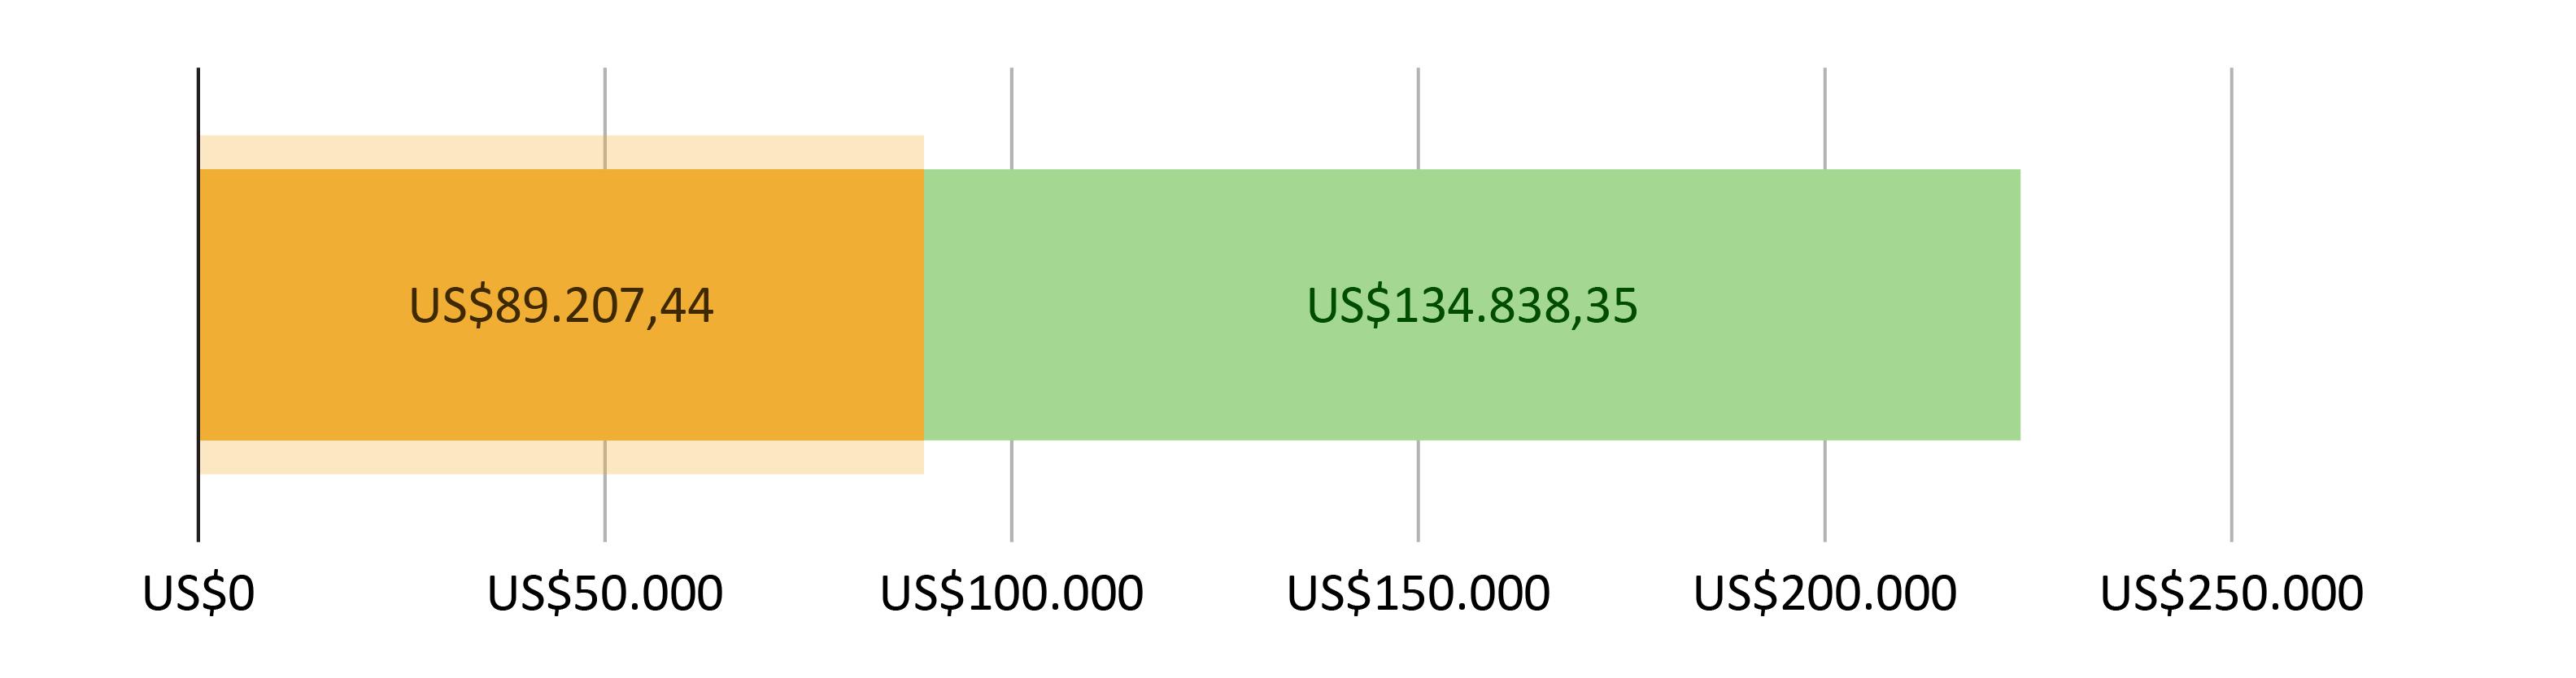 US$89.207,44 gastos; mais US$134.838,35 previstos